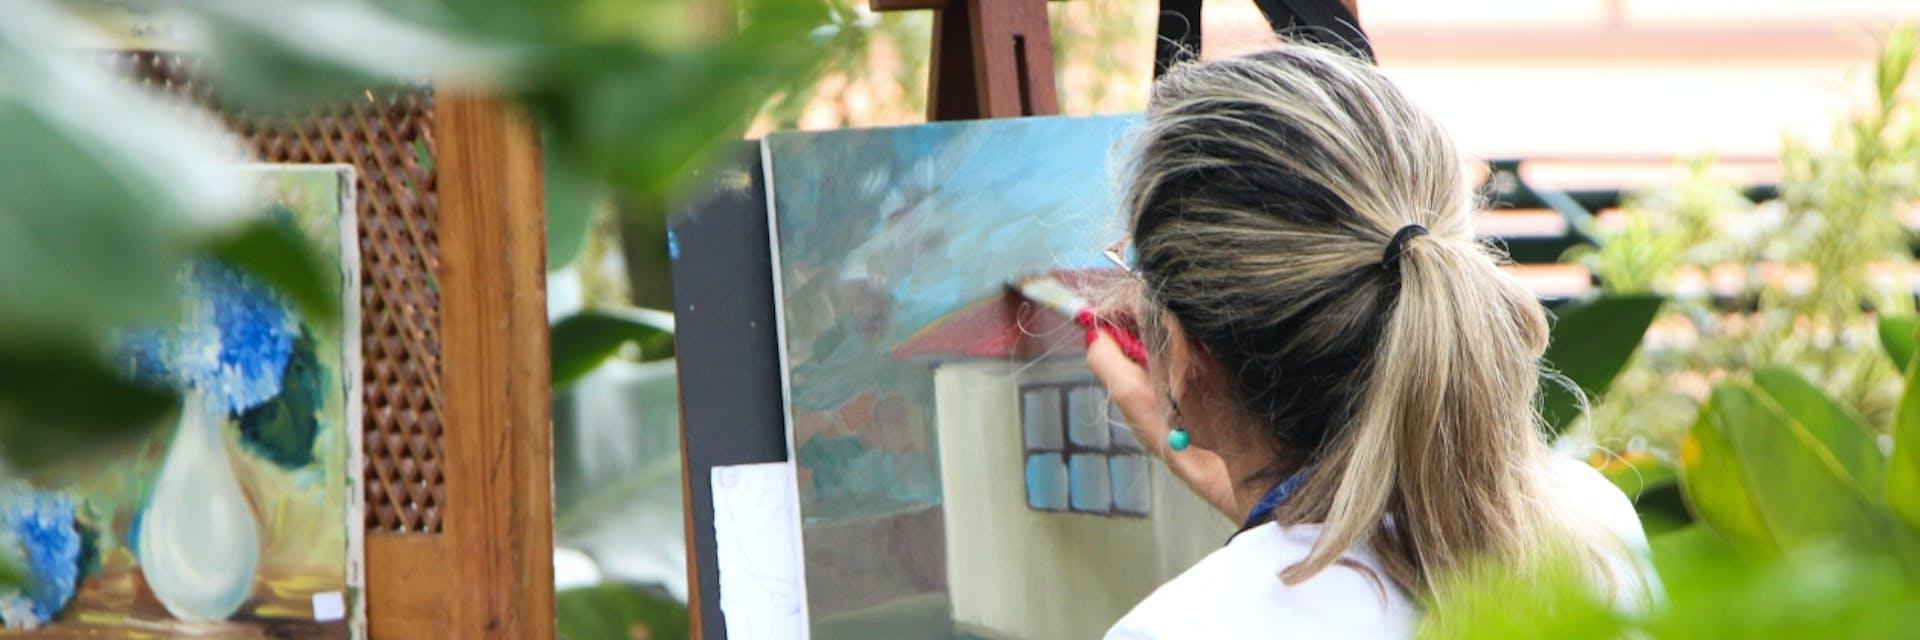 Descubre cómo pintar paisajes para principiantes ¡Ya no le temas a la hoja en blanco!